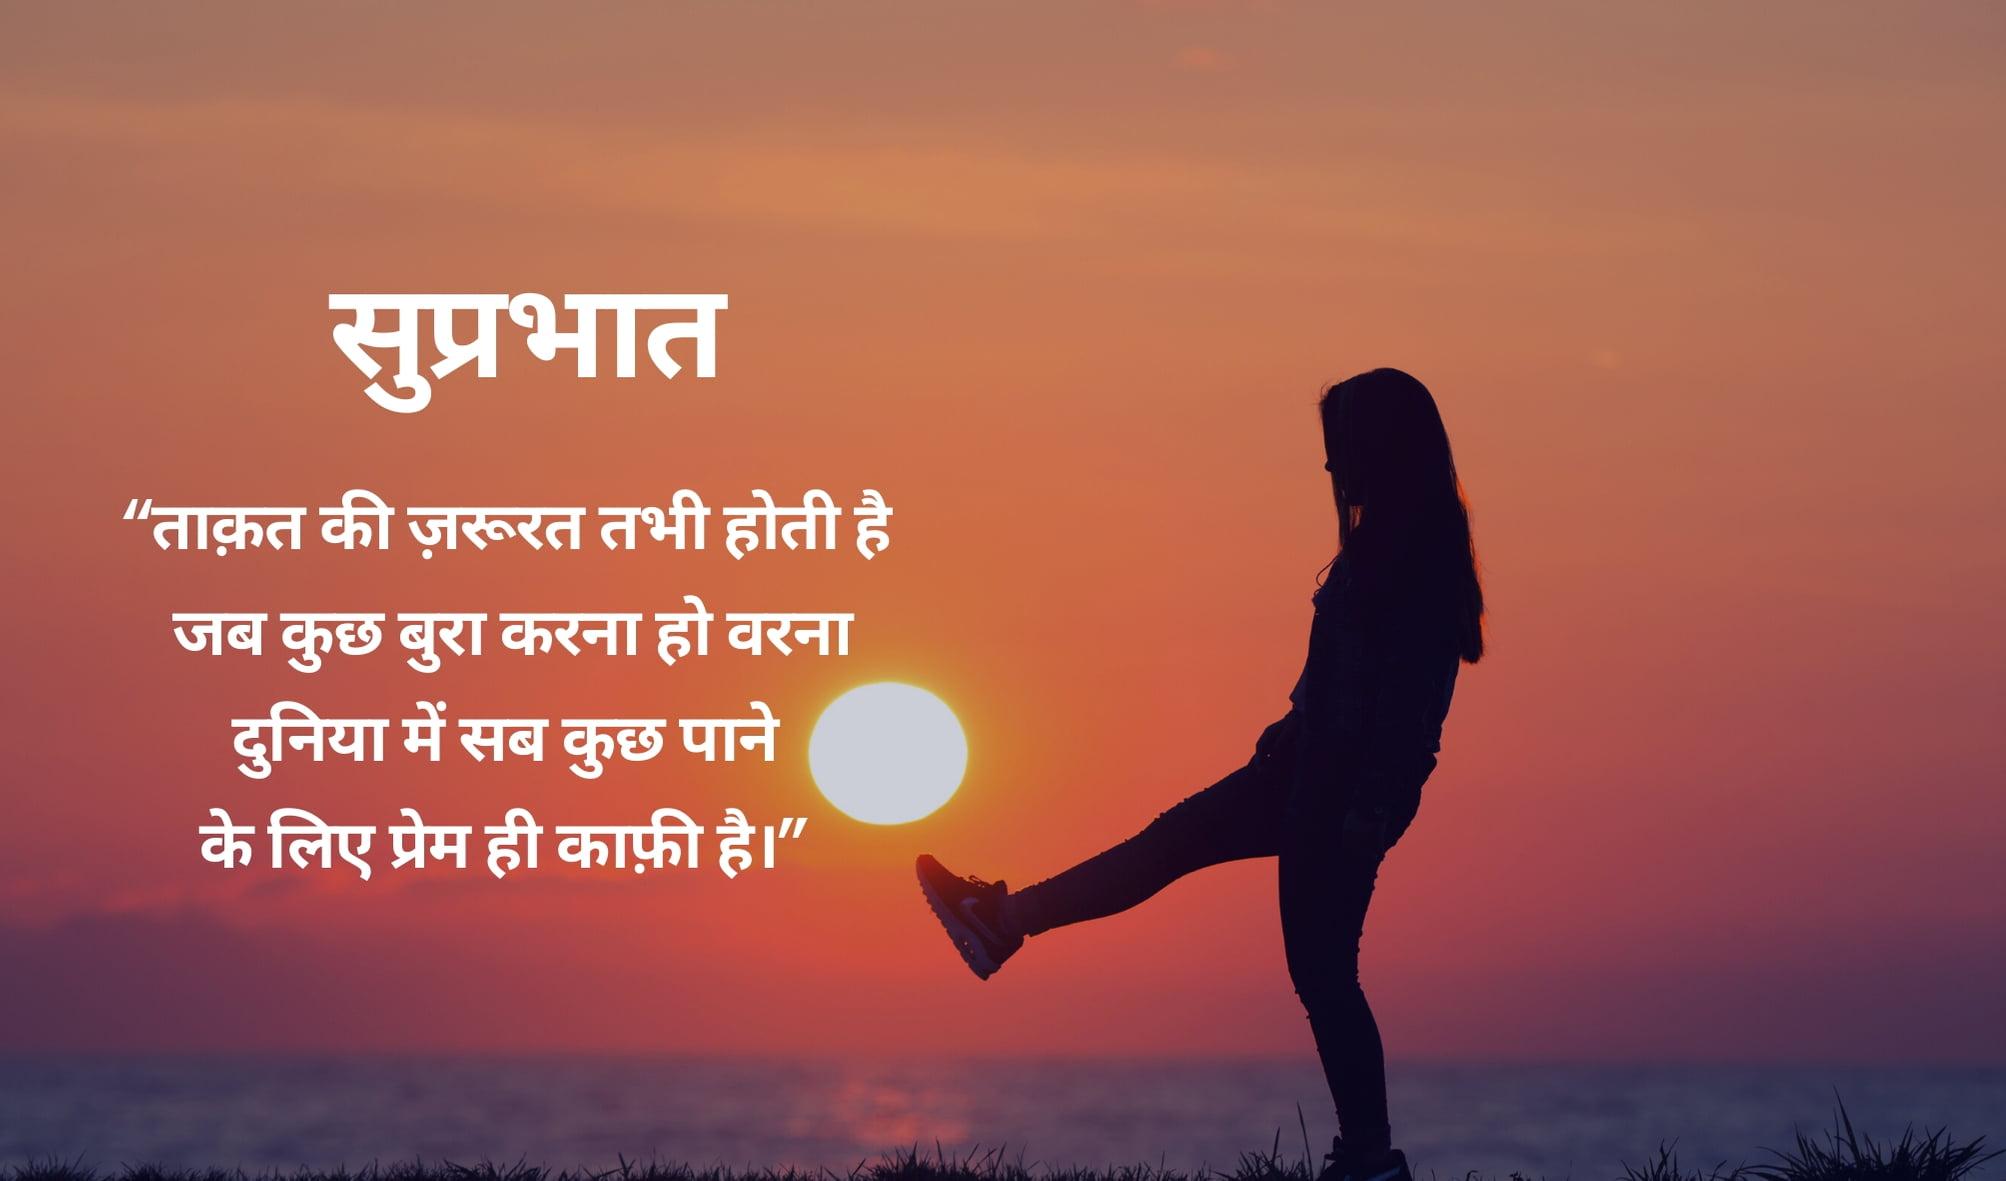 Hindi Good Morning Pic full HD free download.